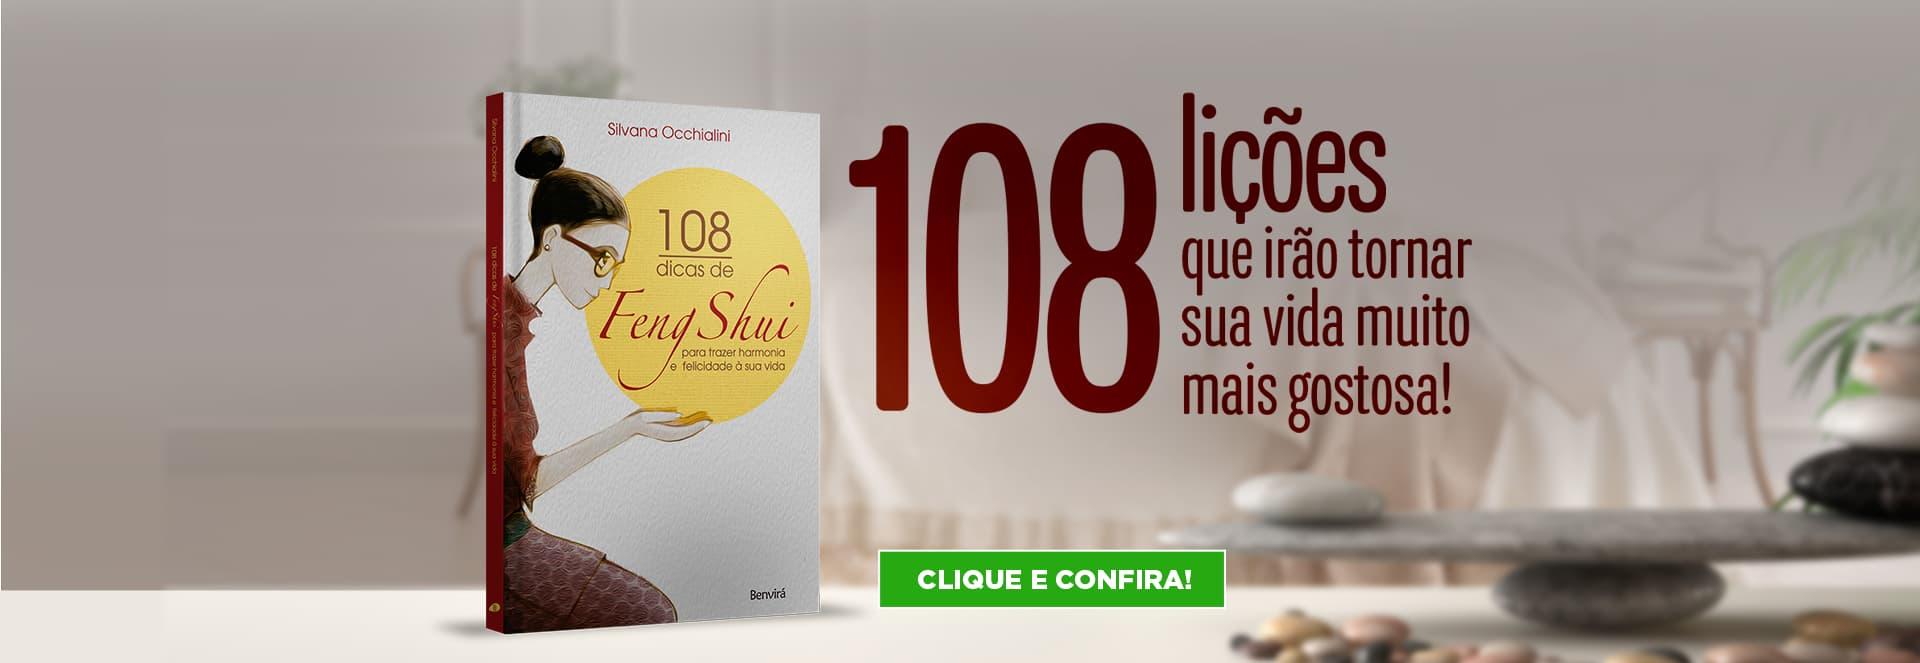 108 Dicas de Feng-Shui